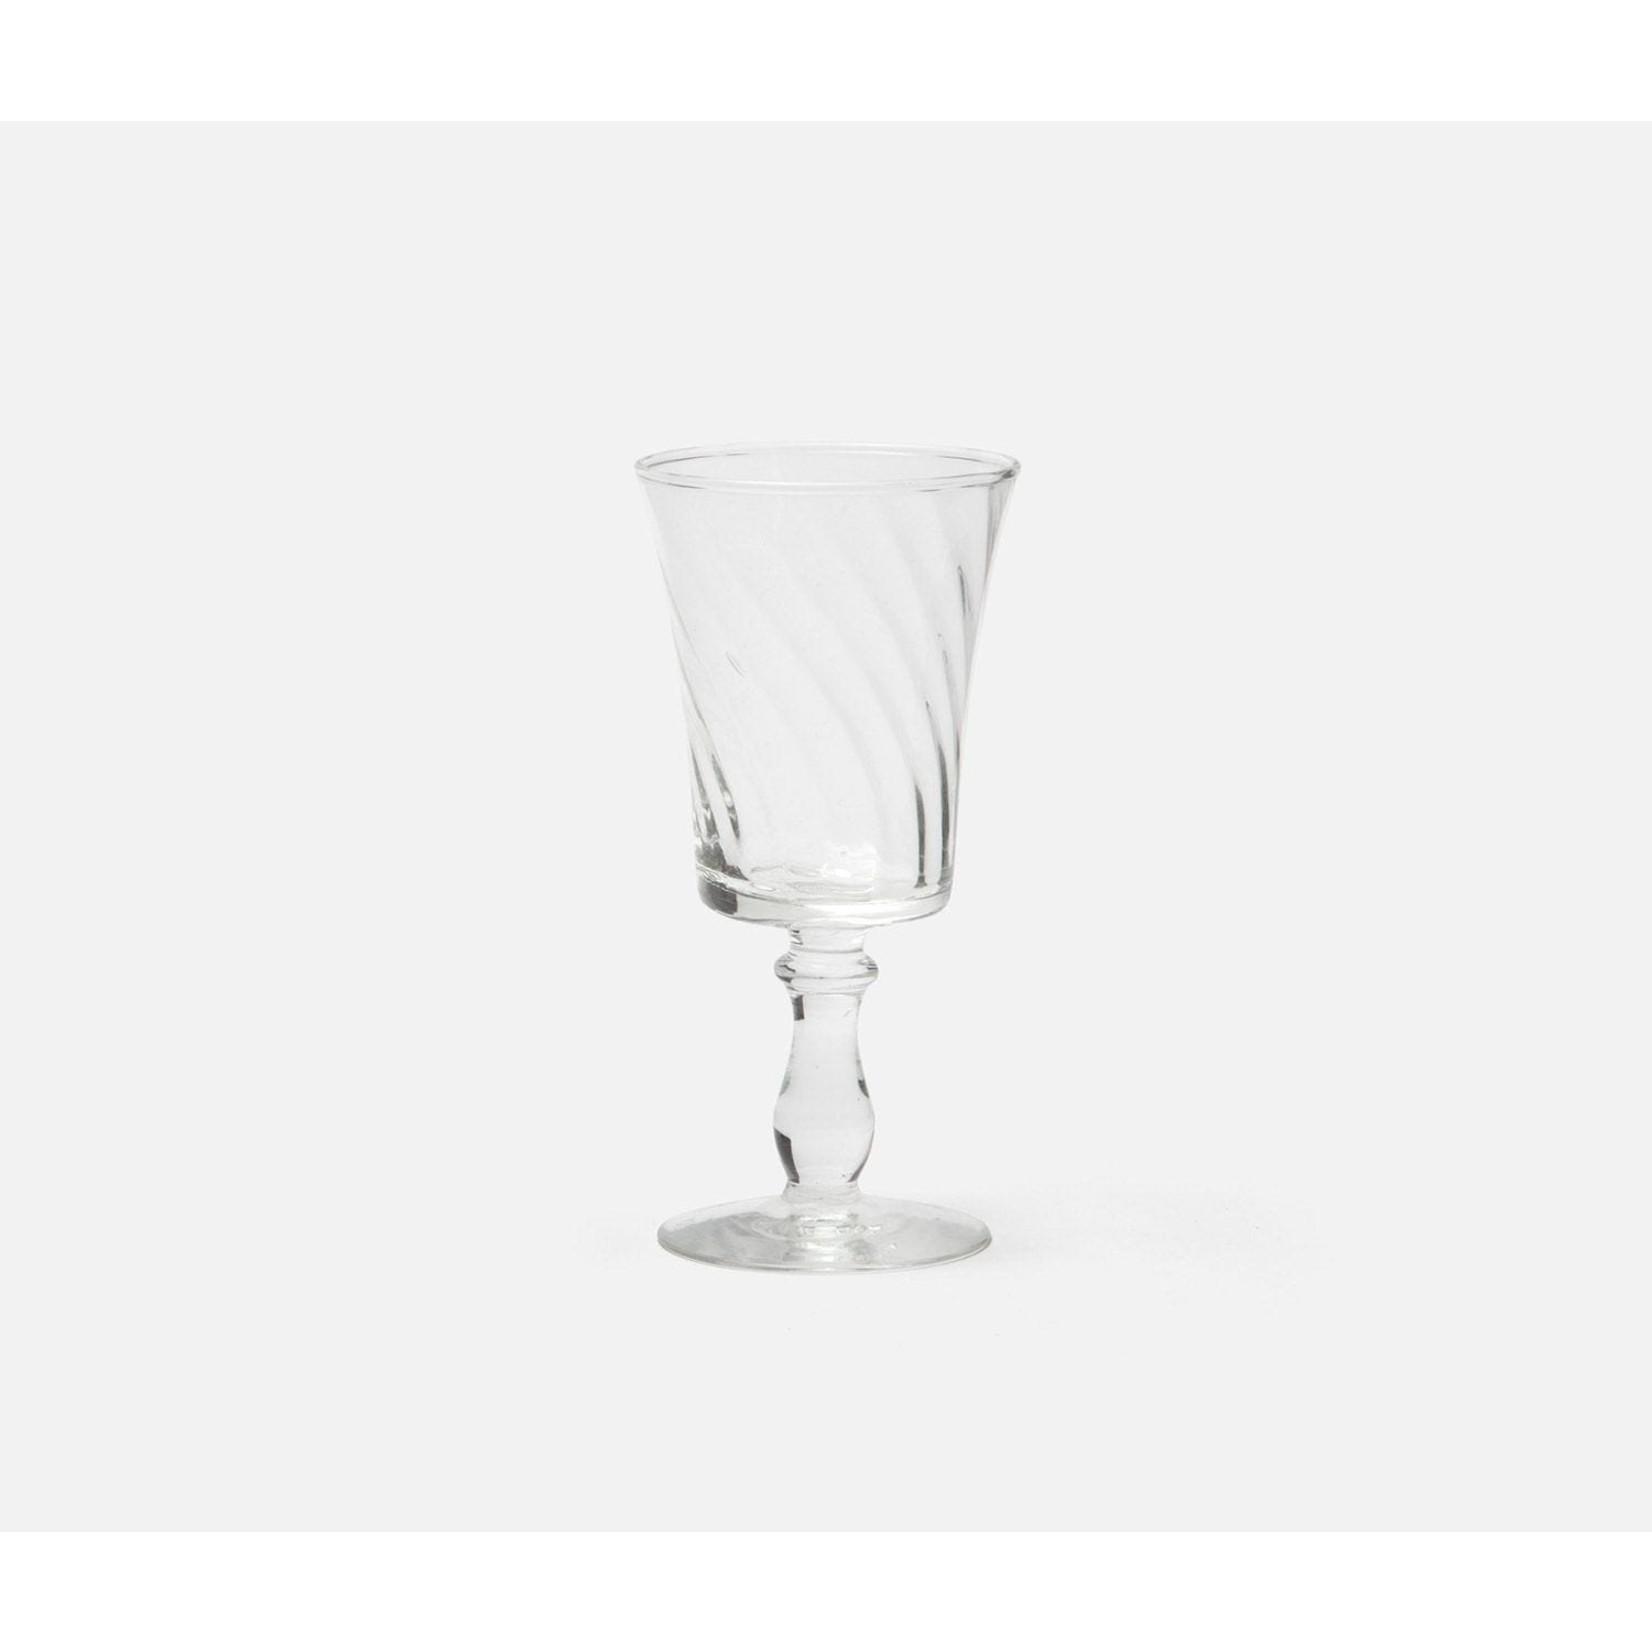 Blue Pheasant Colette Glassware